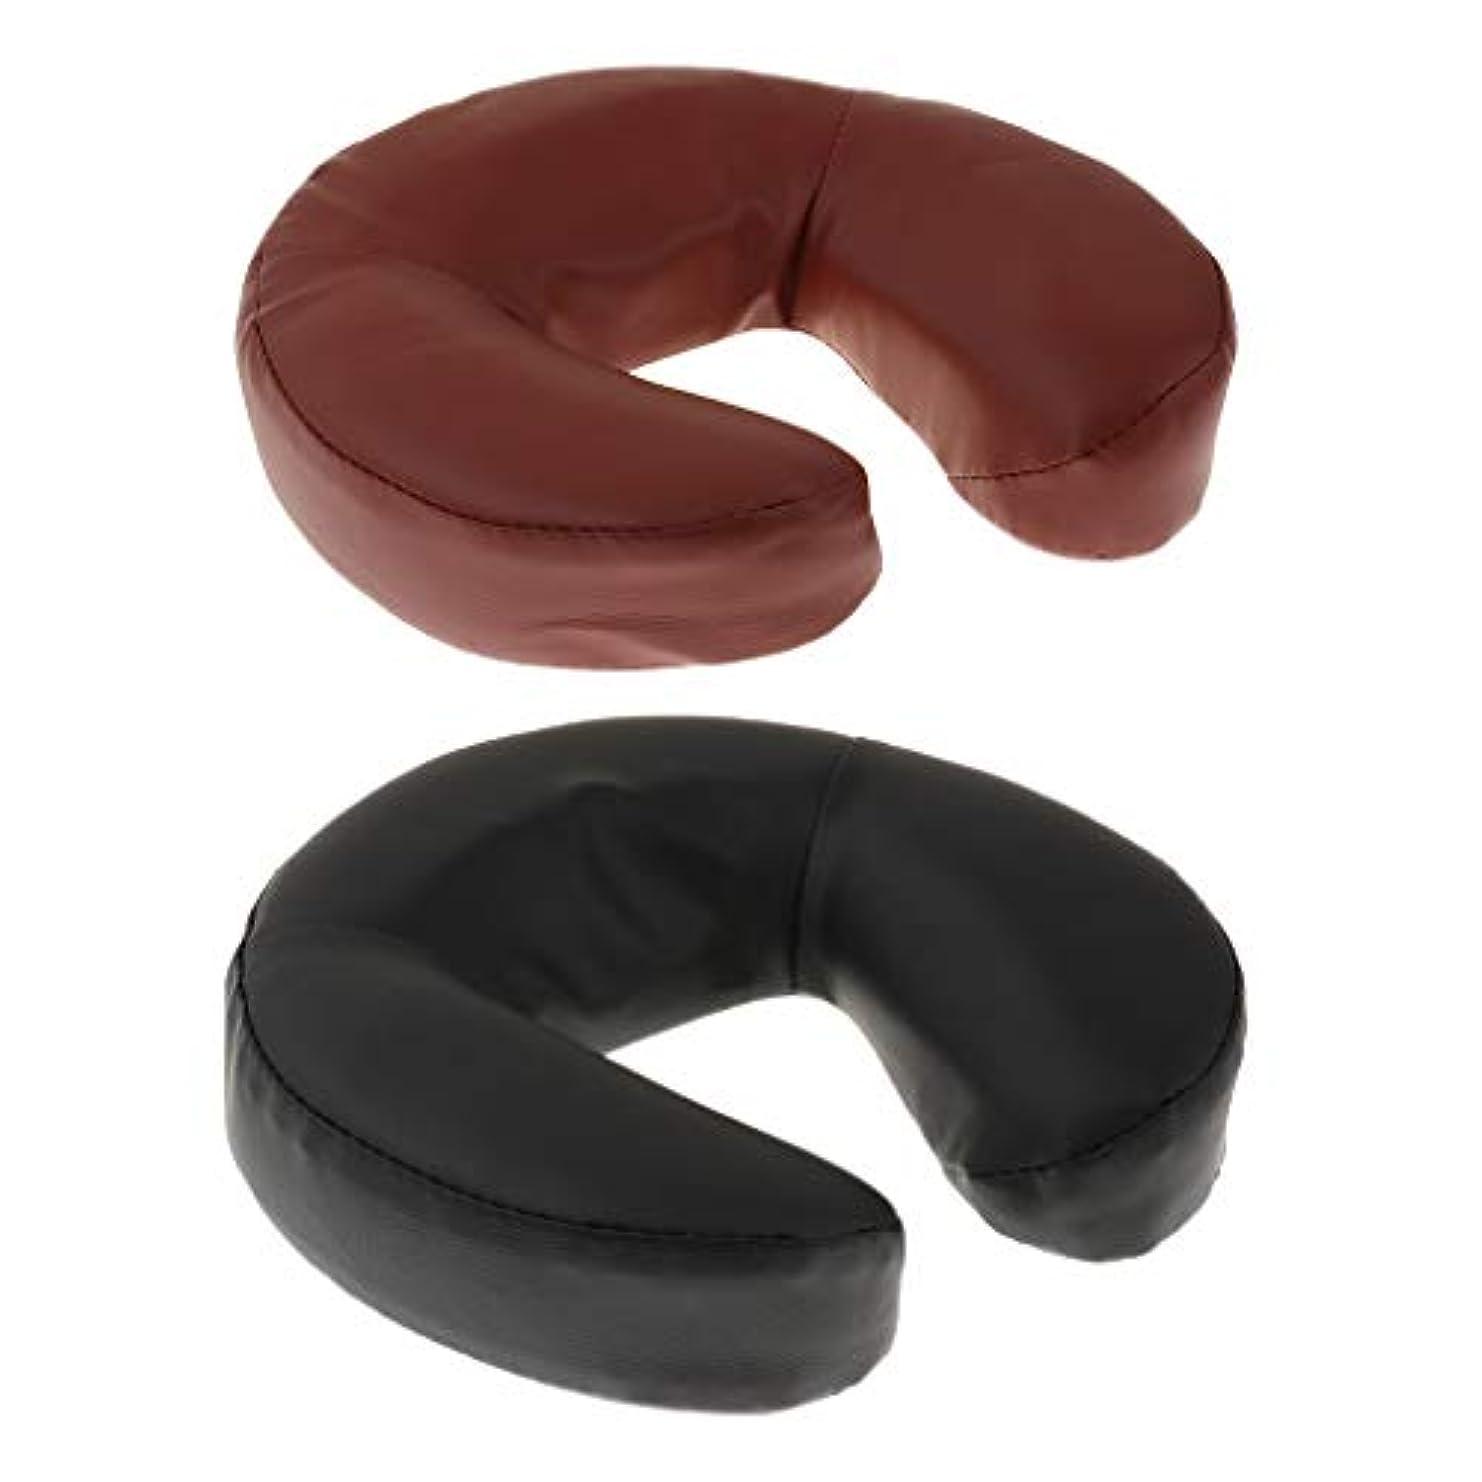 エキゾチッククール化石sharprepublic テーブル枕 クッション マッサージ用 フォーム+ PUレザー 2個入り